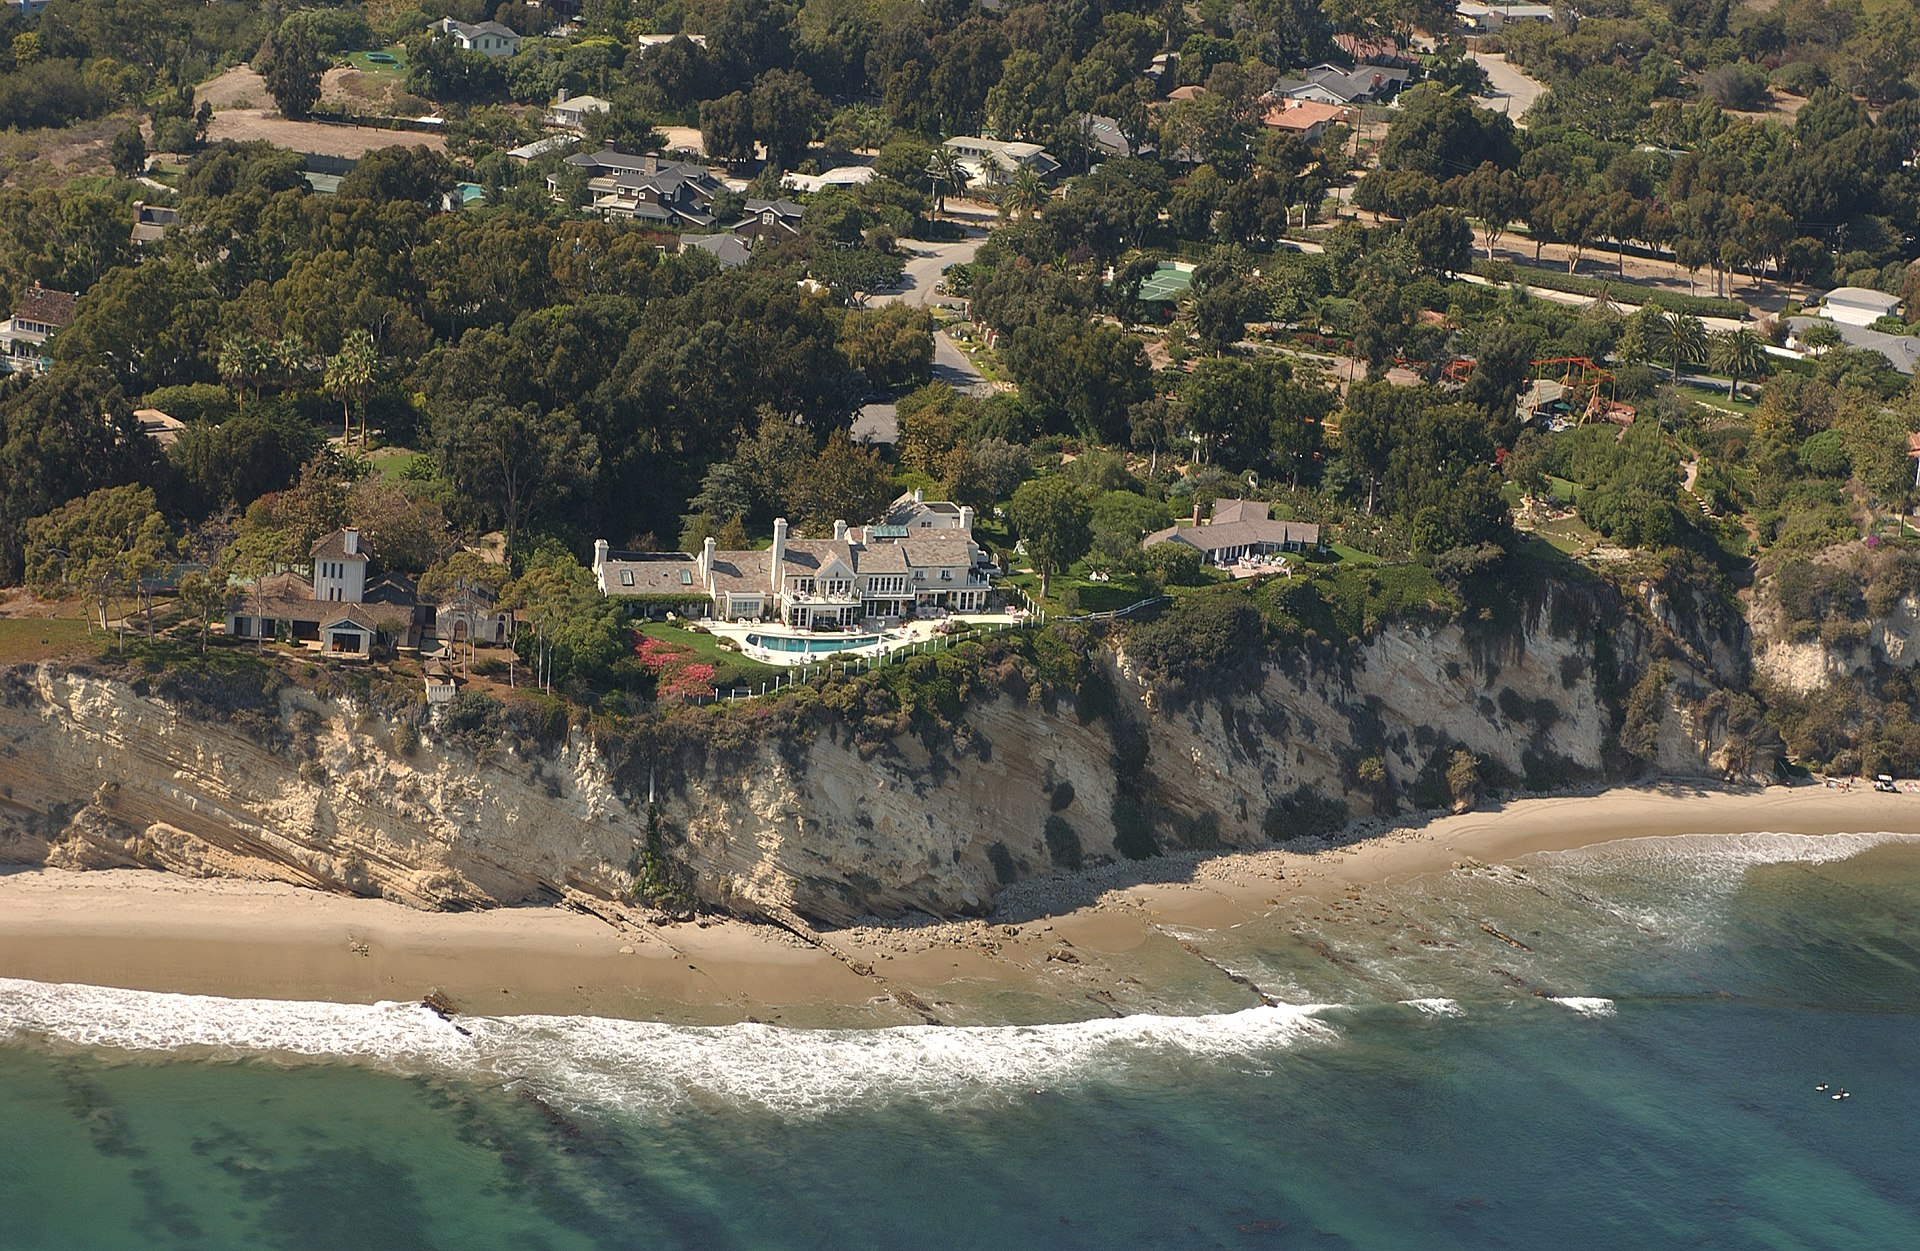 Streisand'ın sansürlemeye çalıştığı rezidans fotoğrafı...